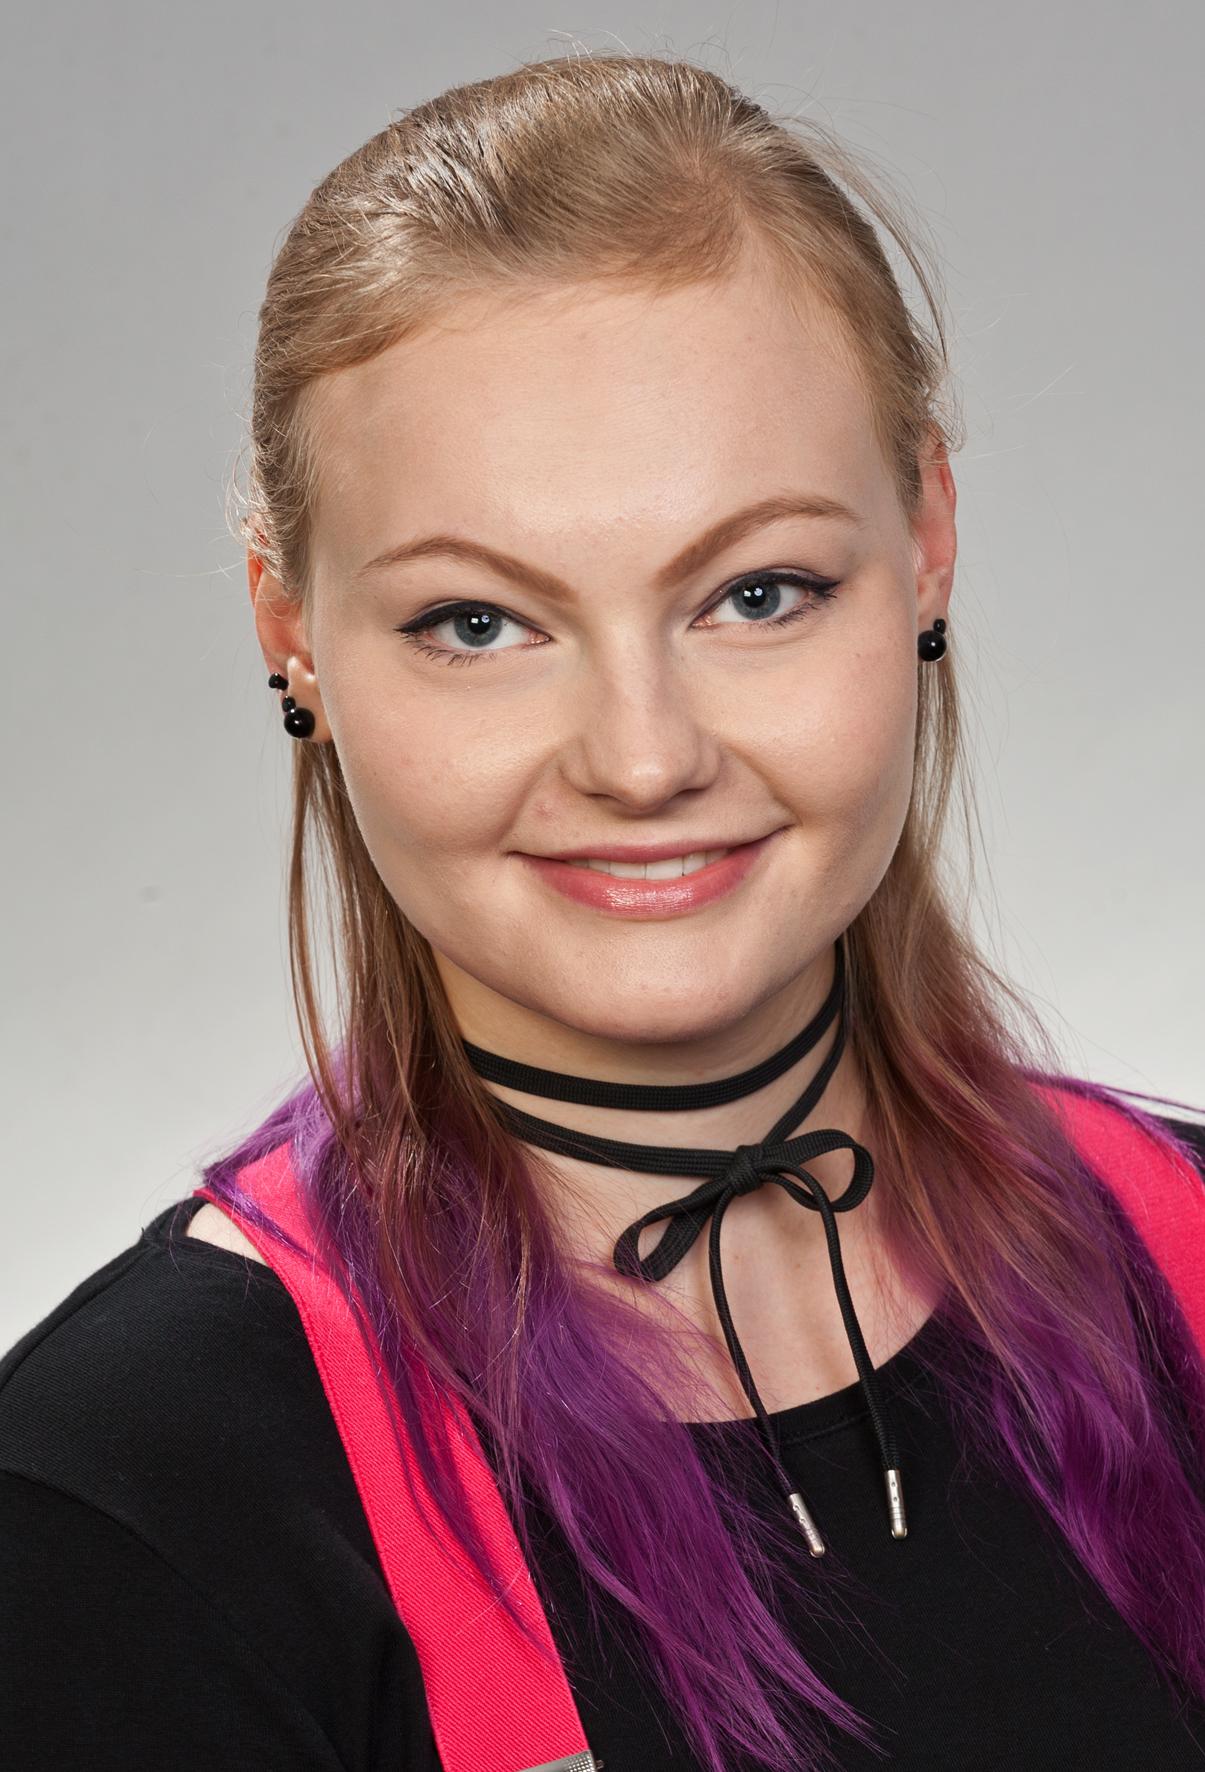 Licia Stickelbrock - Tanzlehrerin für Streetdance, auch in der OGS der Astrid-Lindgren-Schule